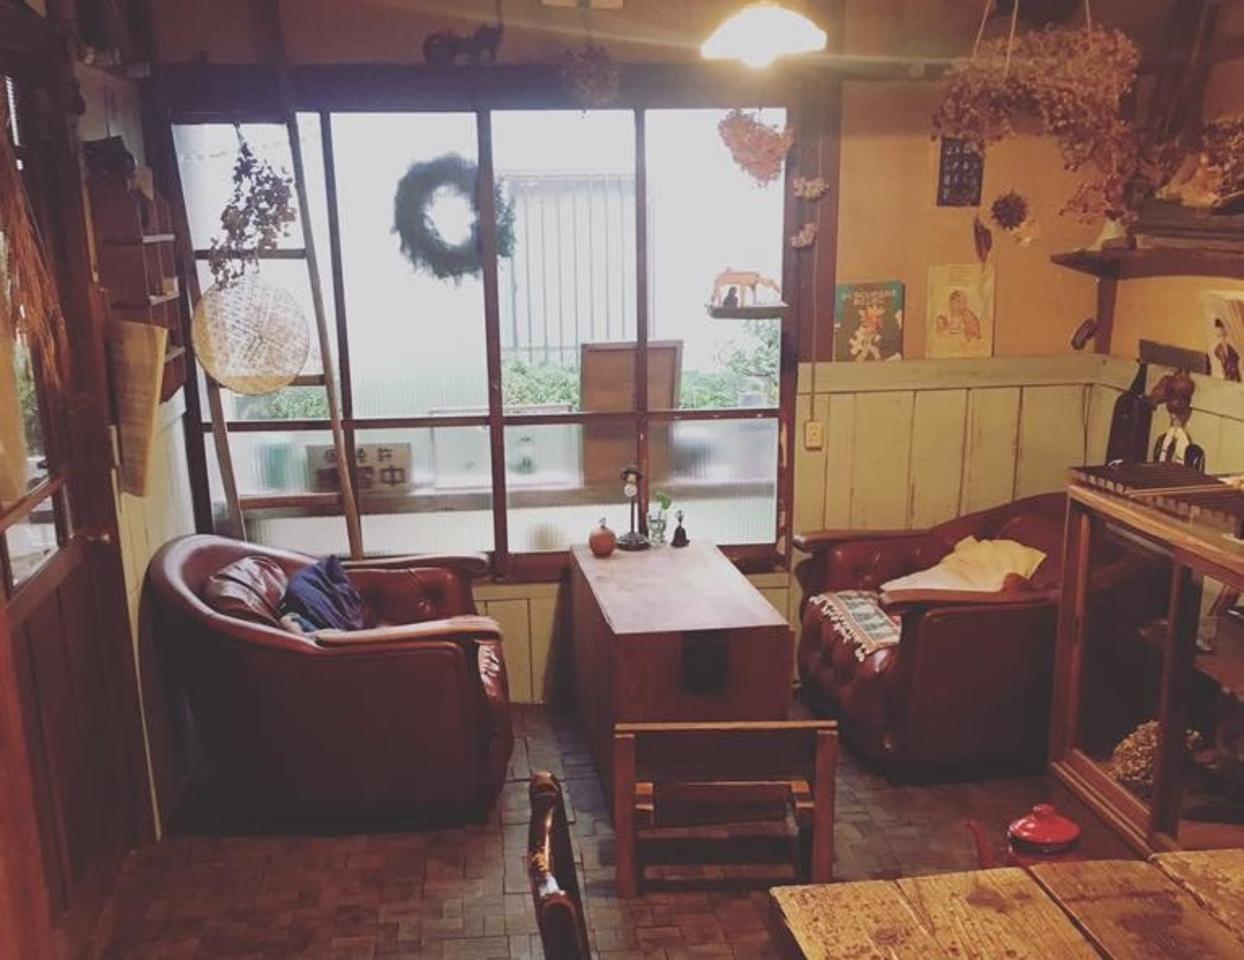 ゆるやかな空間で古本も...広島県尾道市三軒家町の『56カフェ』